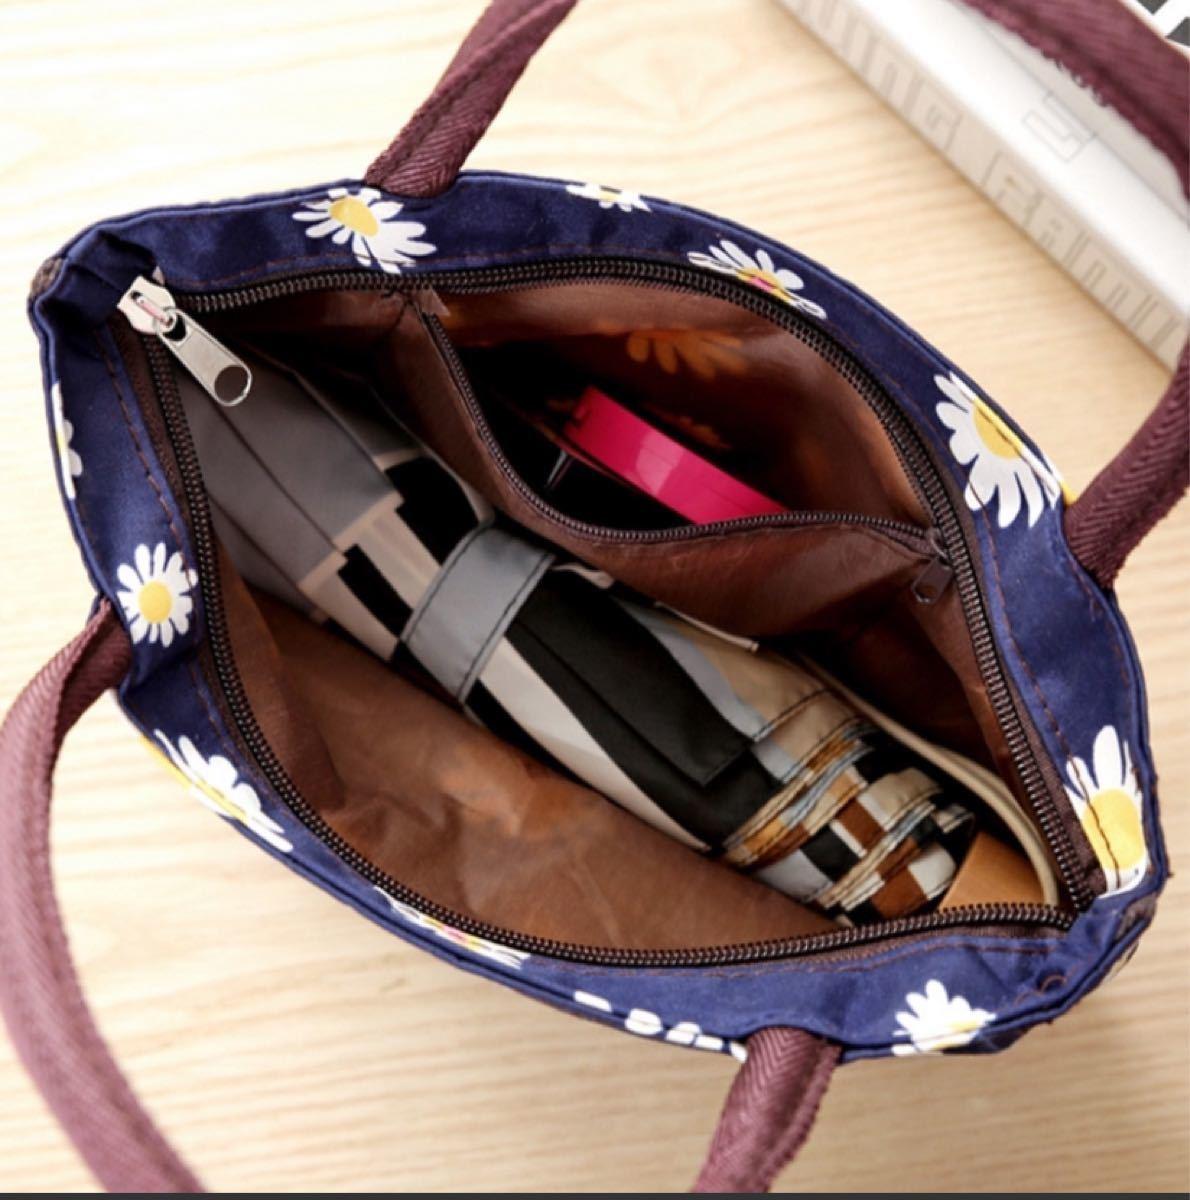 トートバッグ ミニトートバッグ 手提げ ランチバッグ お弁当袋 バッグインバッグ